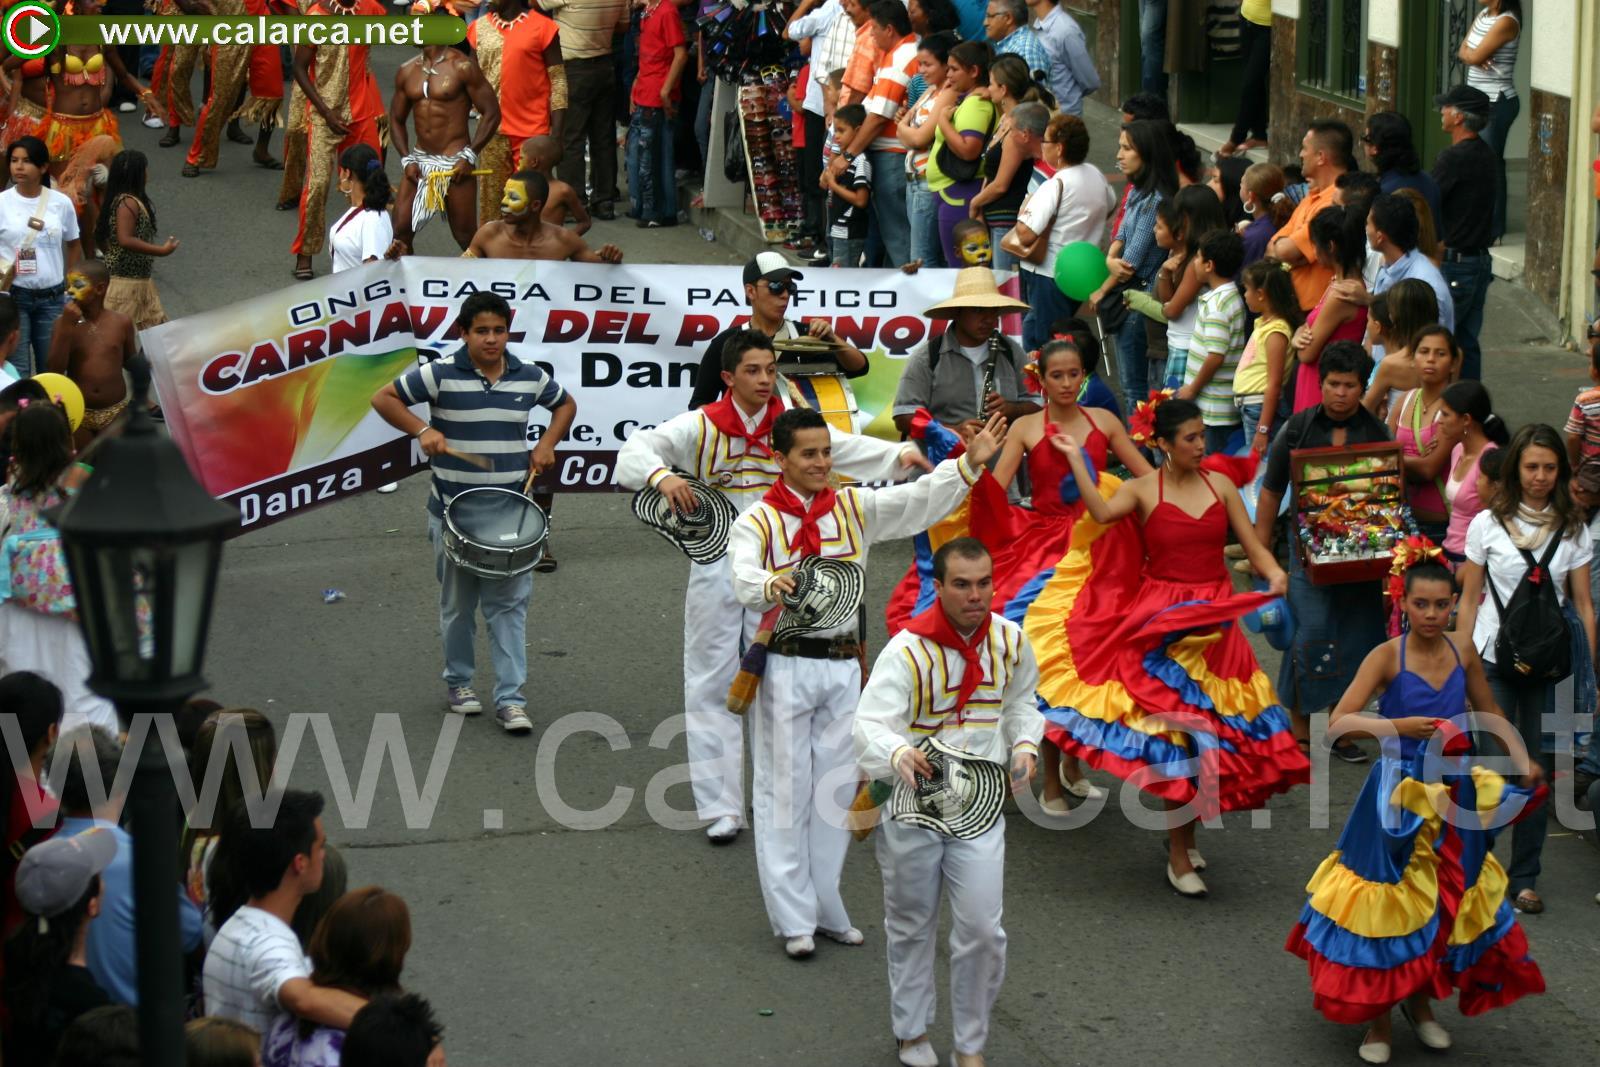 Desfile del Café